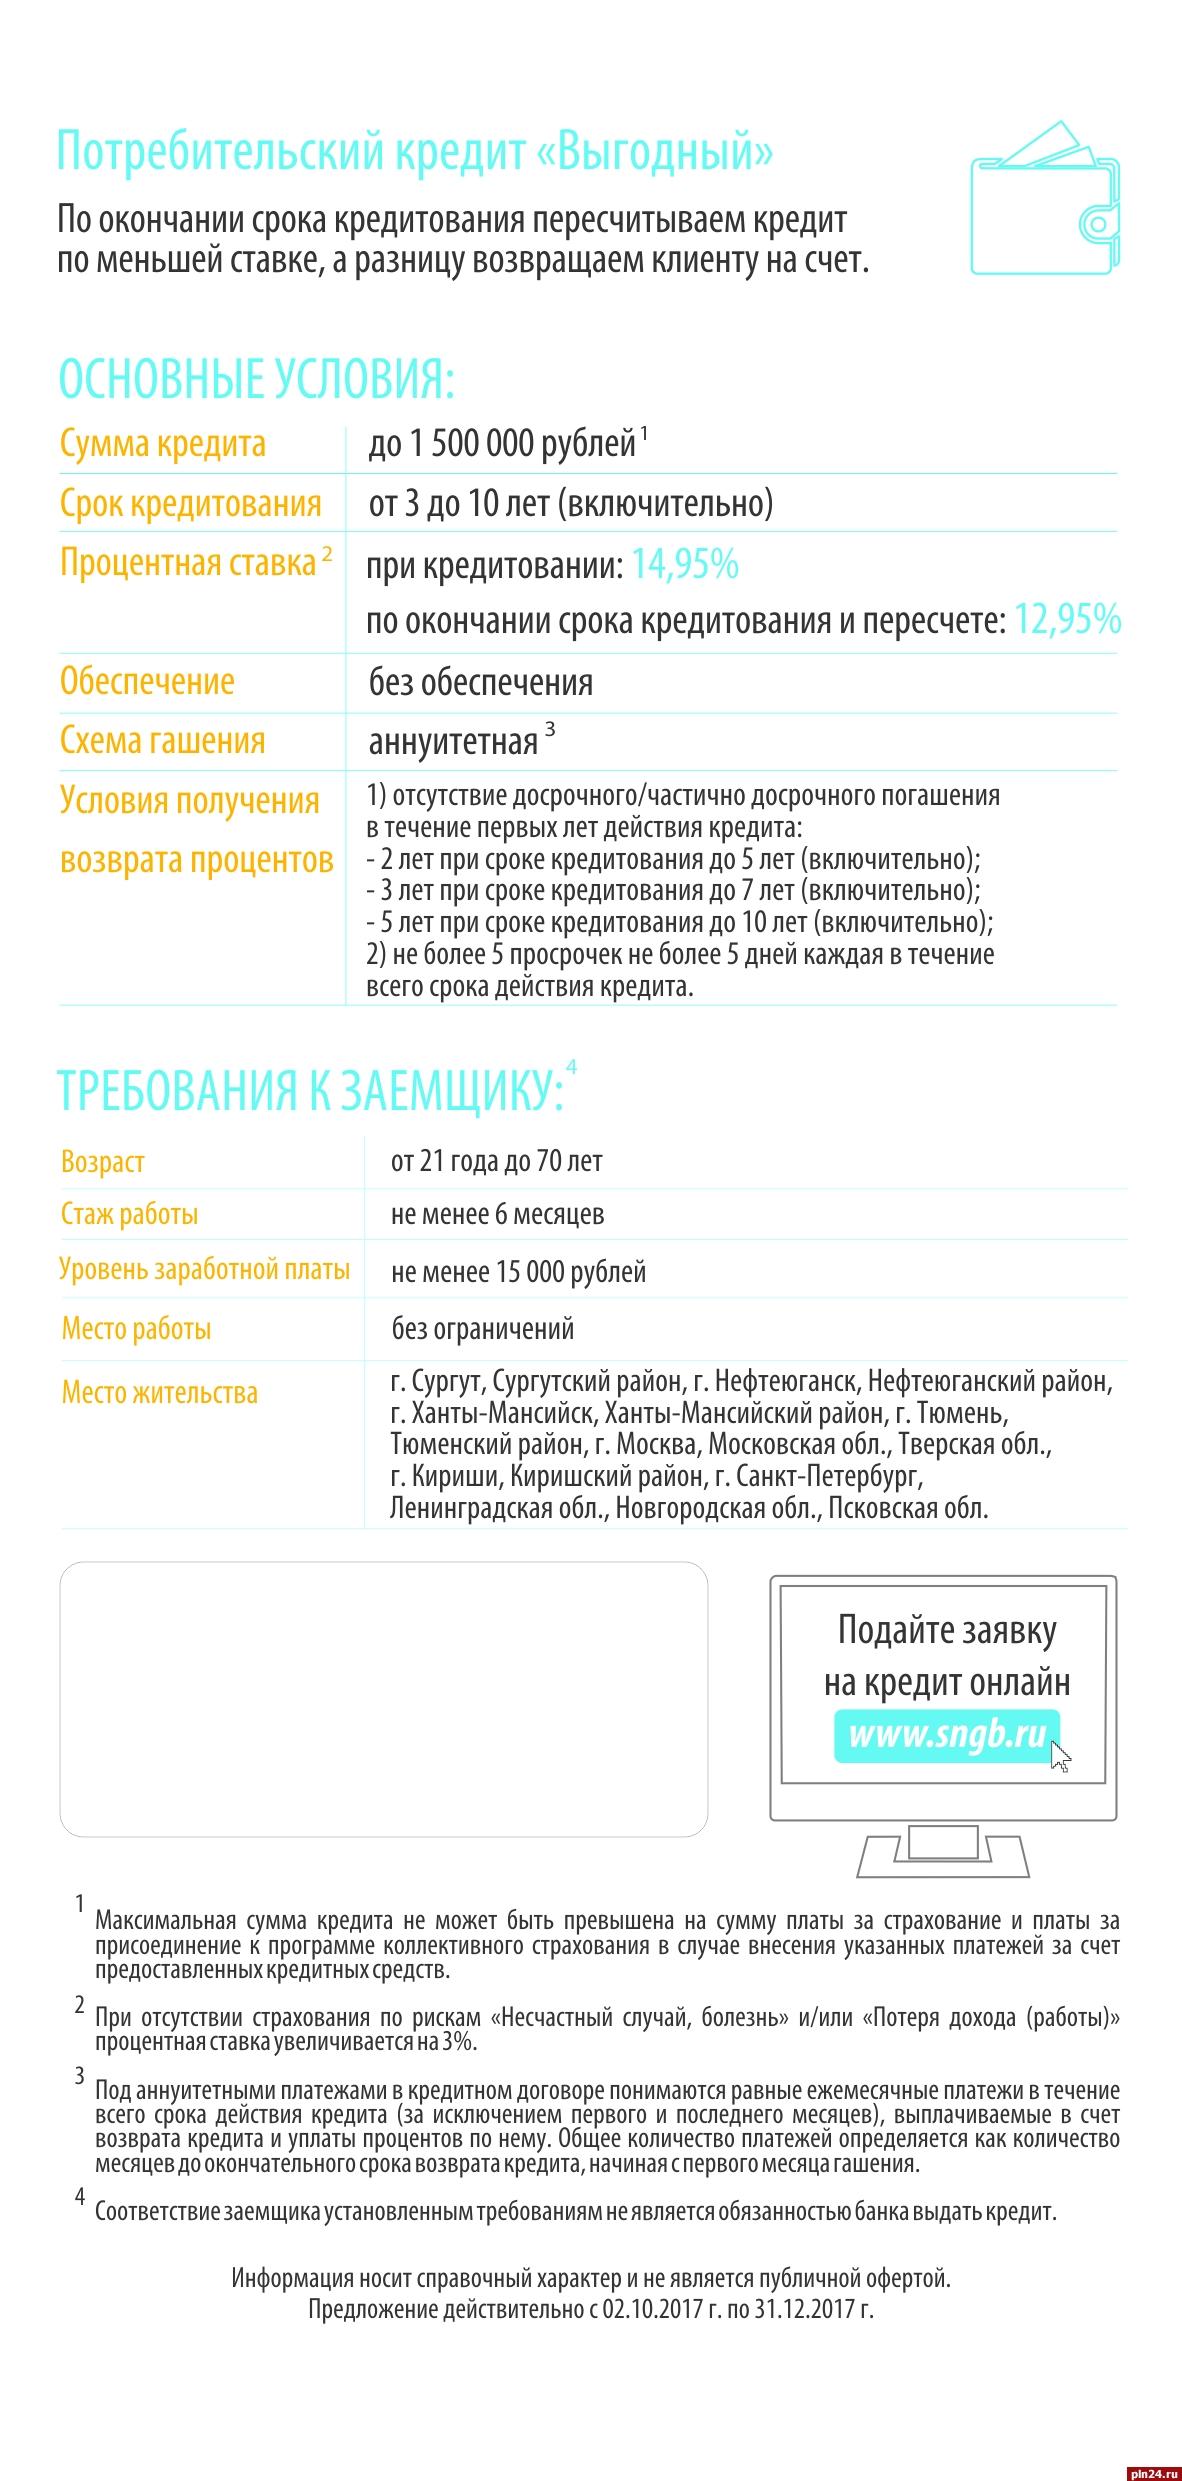 Выгодный кредит в санкт петербурге